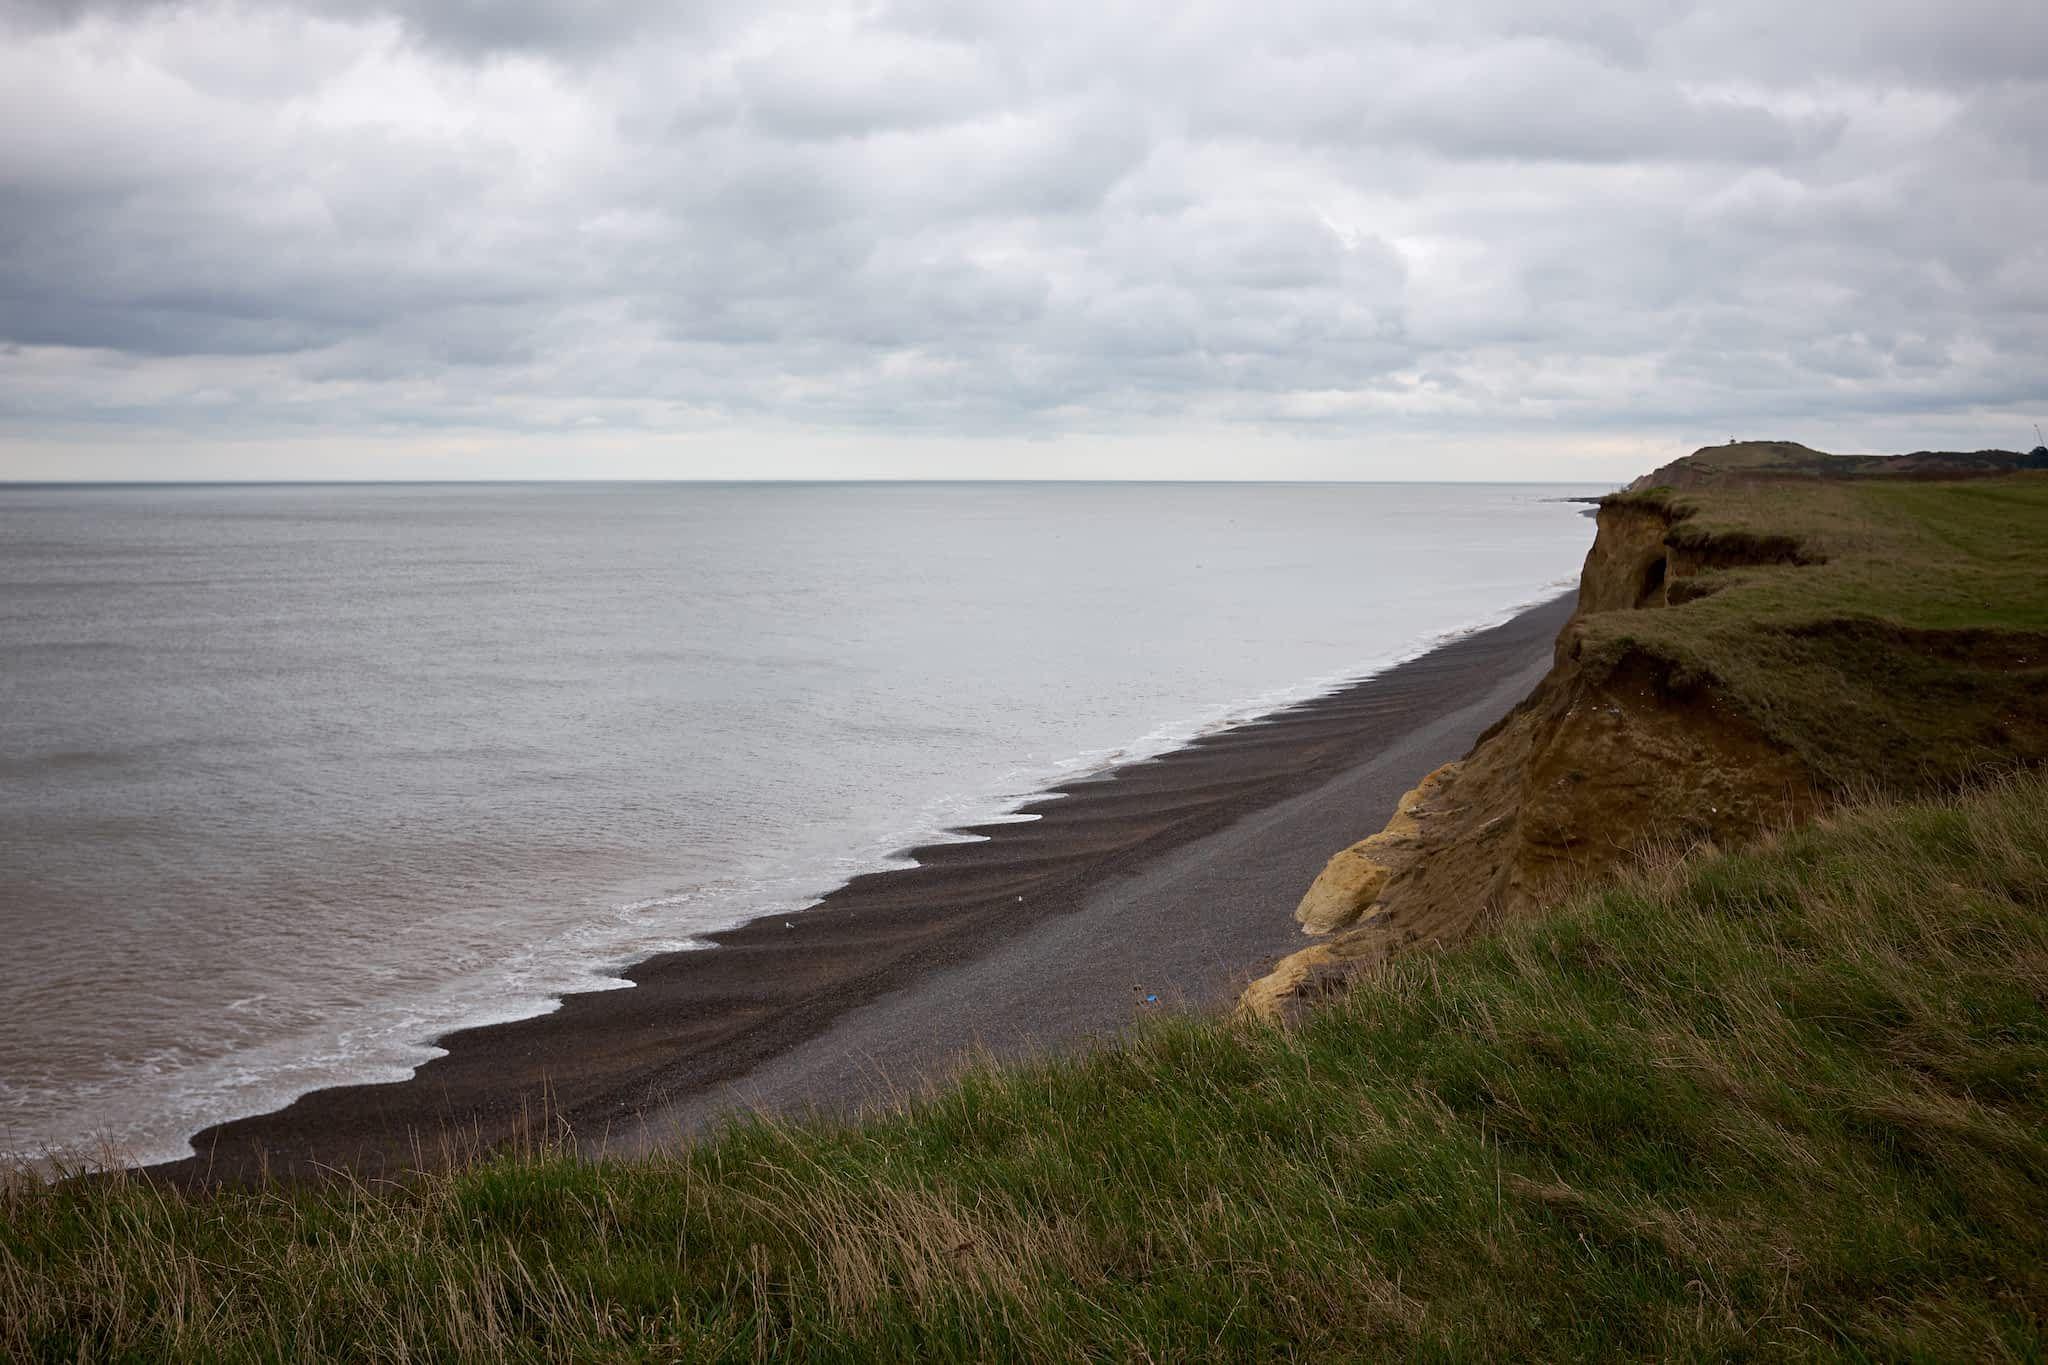 beach below the cliffs